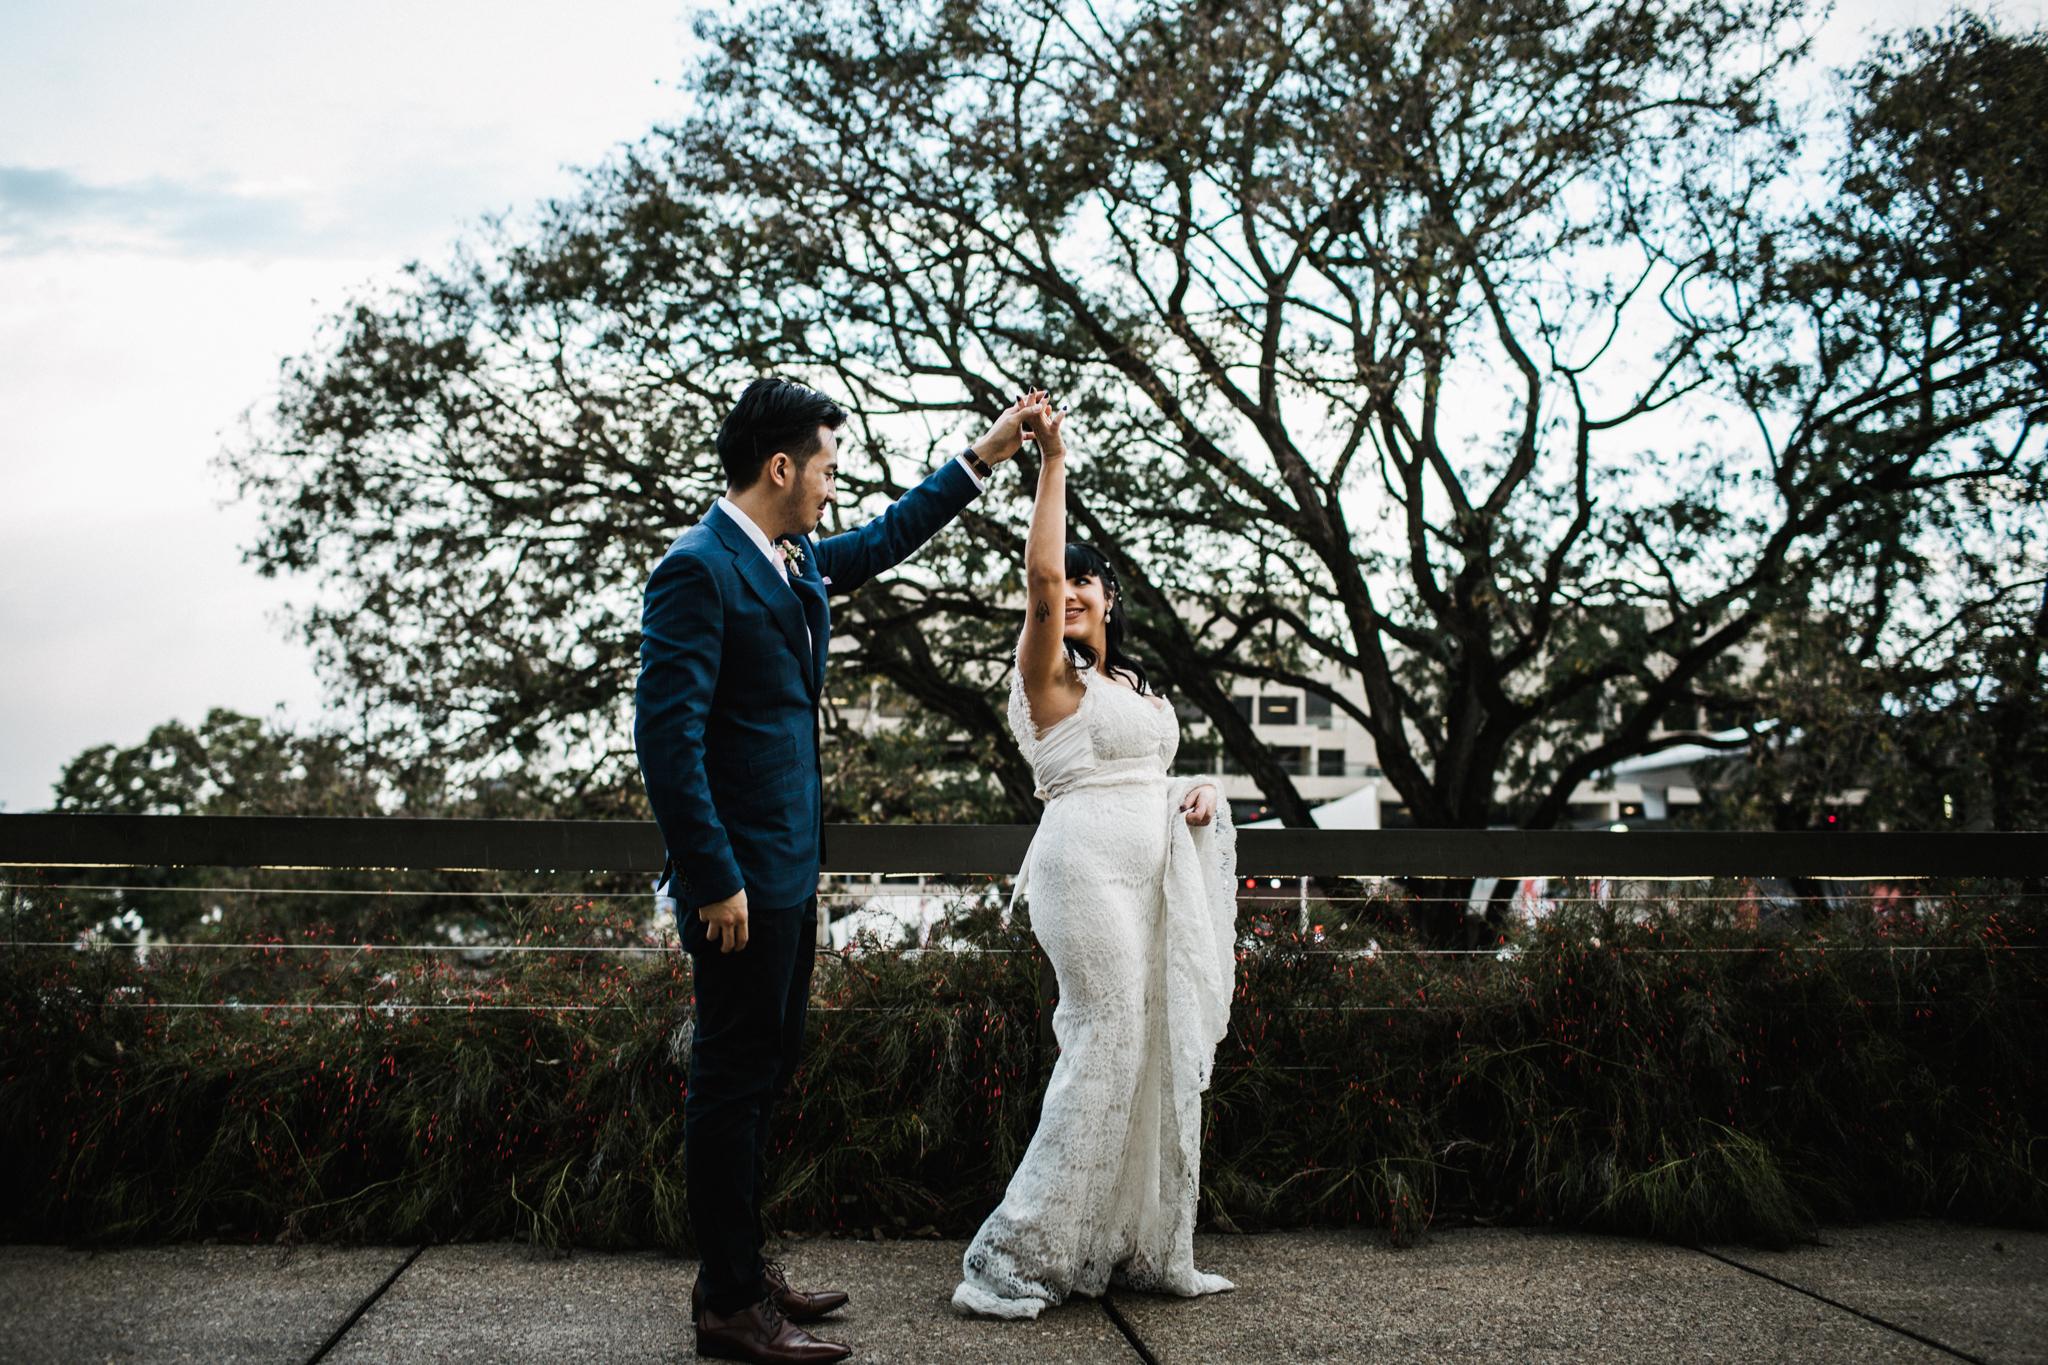 Gold coast Brisbane wedding photographer11